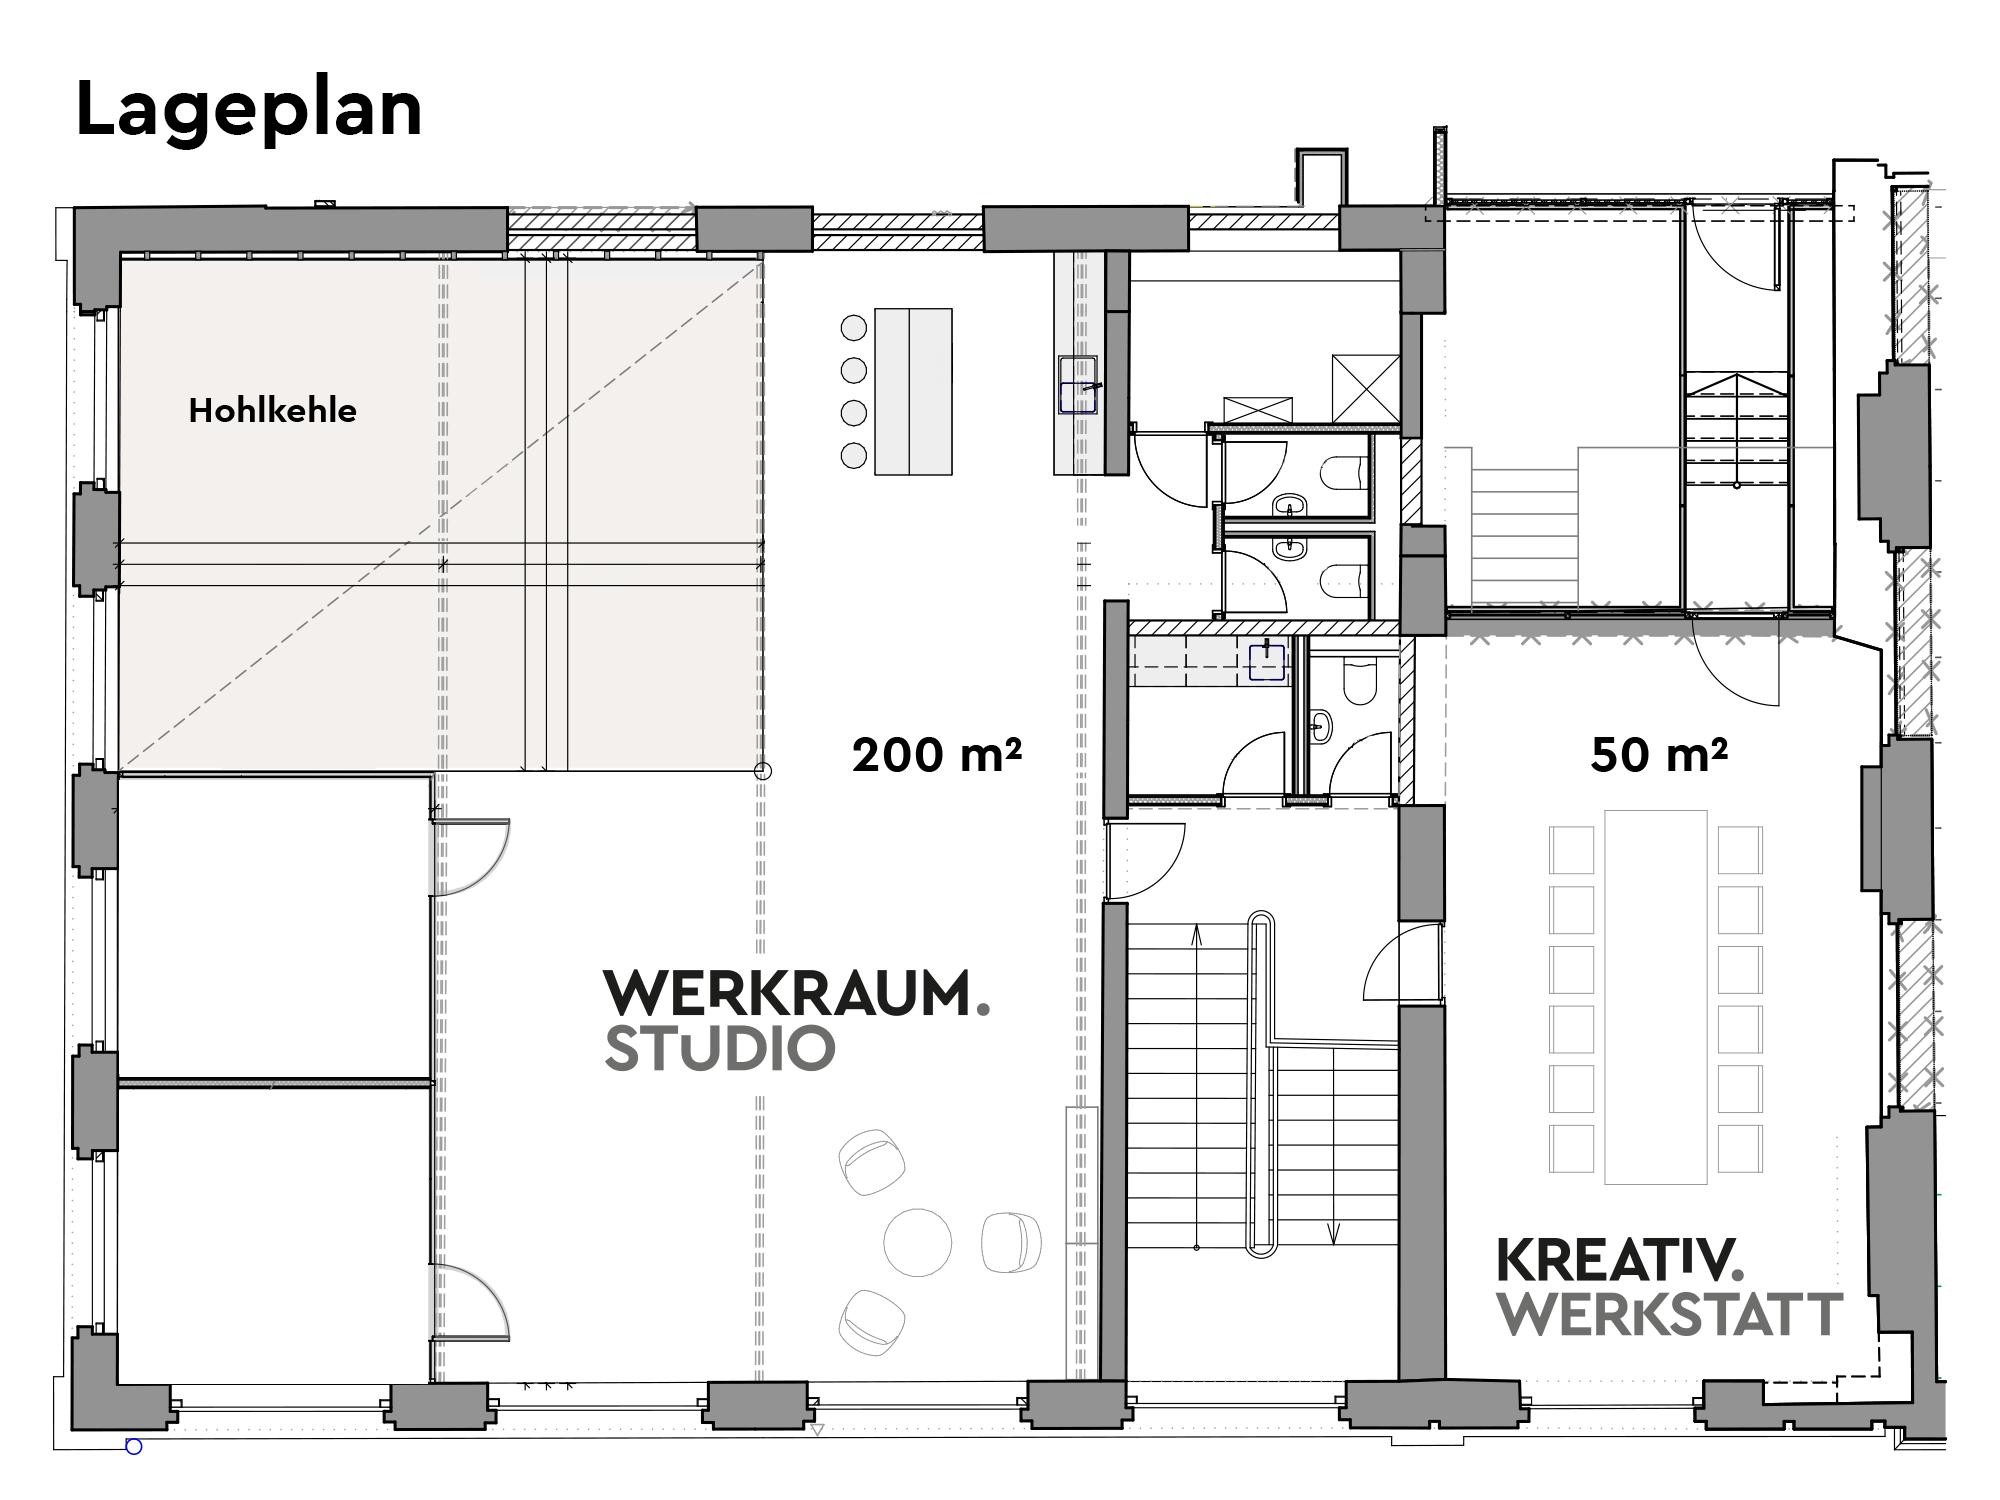 Lageplan Werkraum.Studio